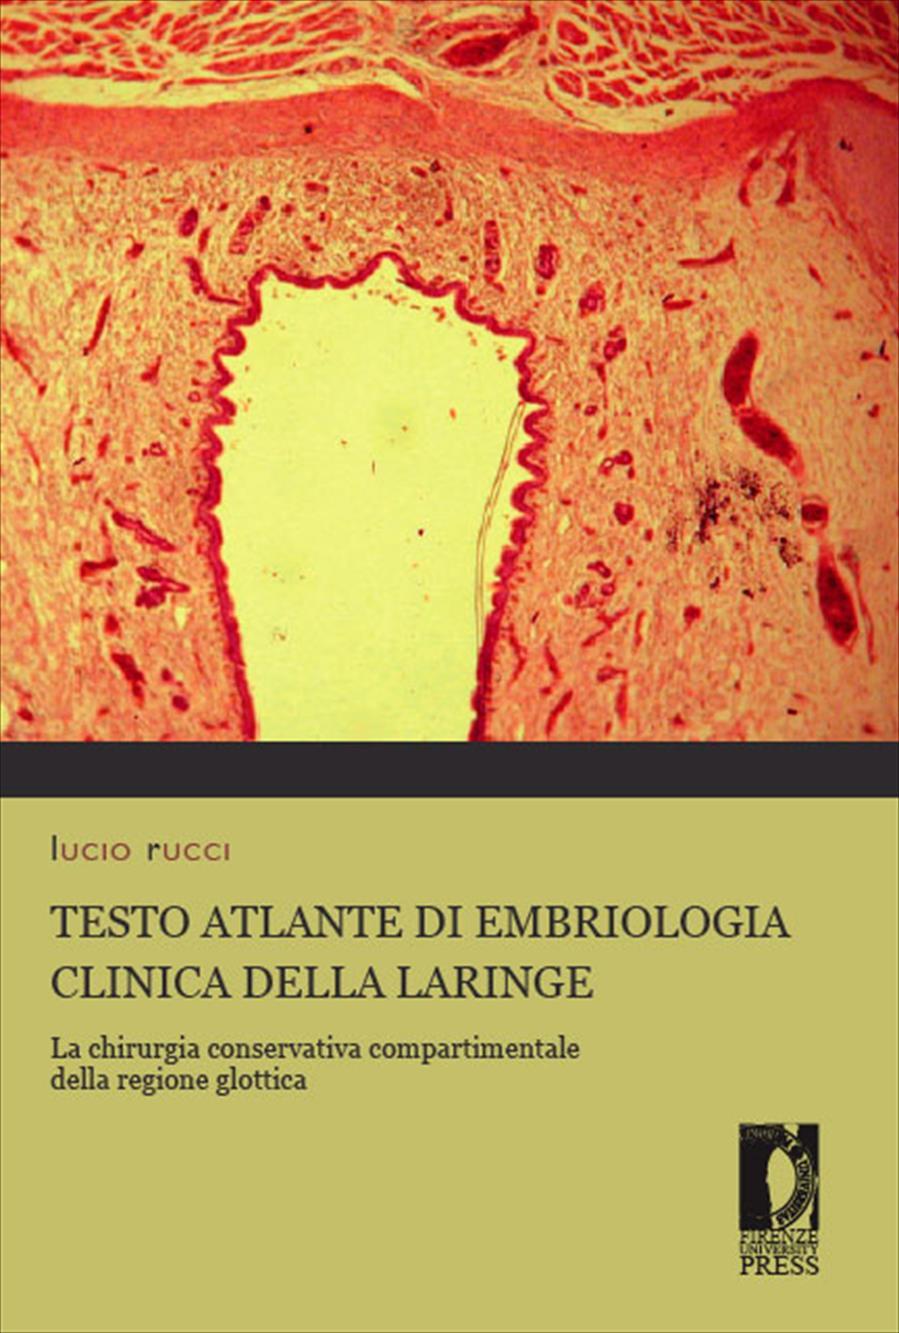 Testo Atlante di embriologia clinica della Laringe